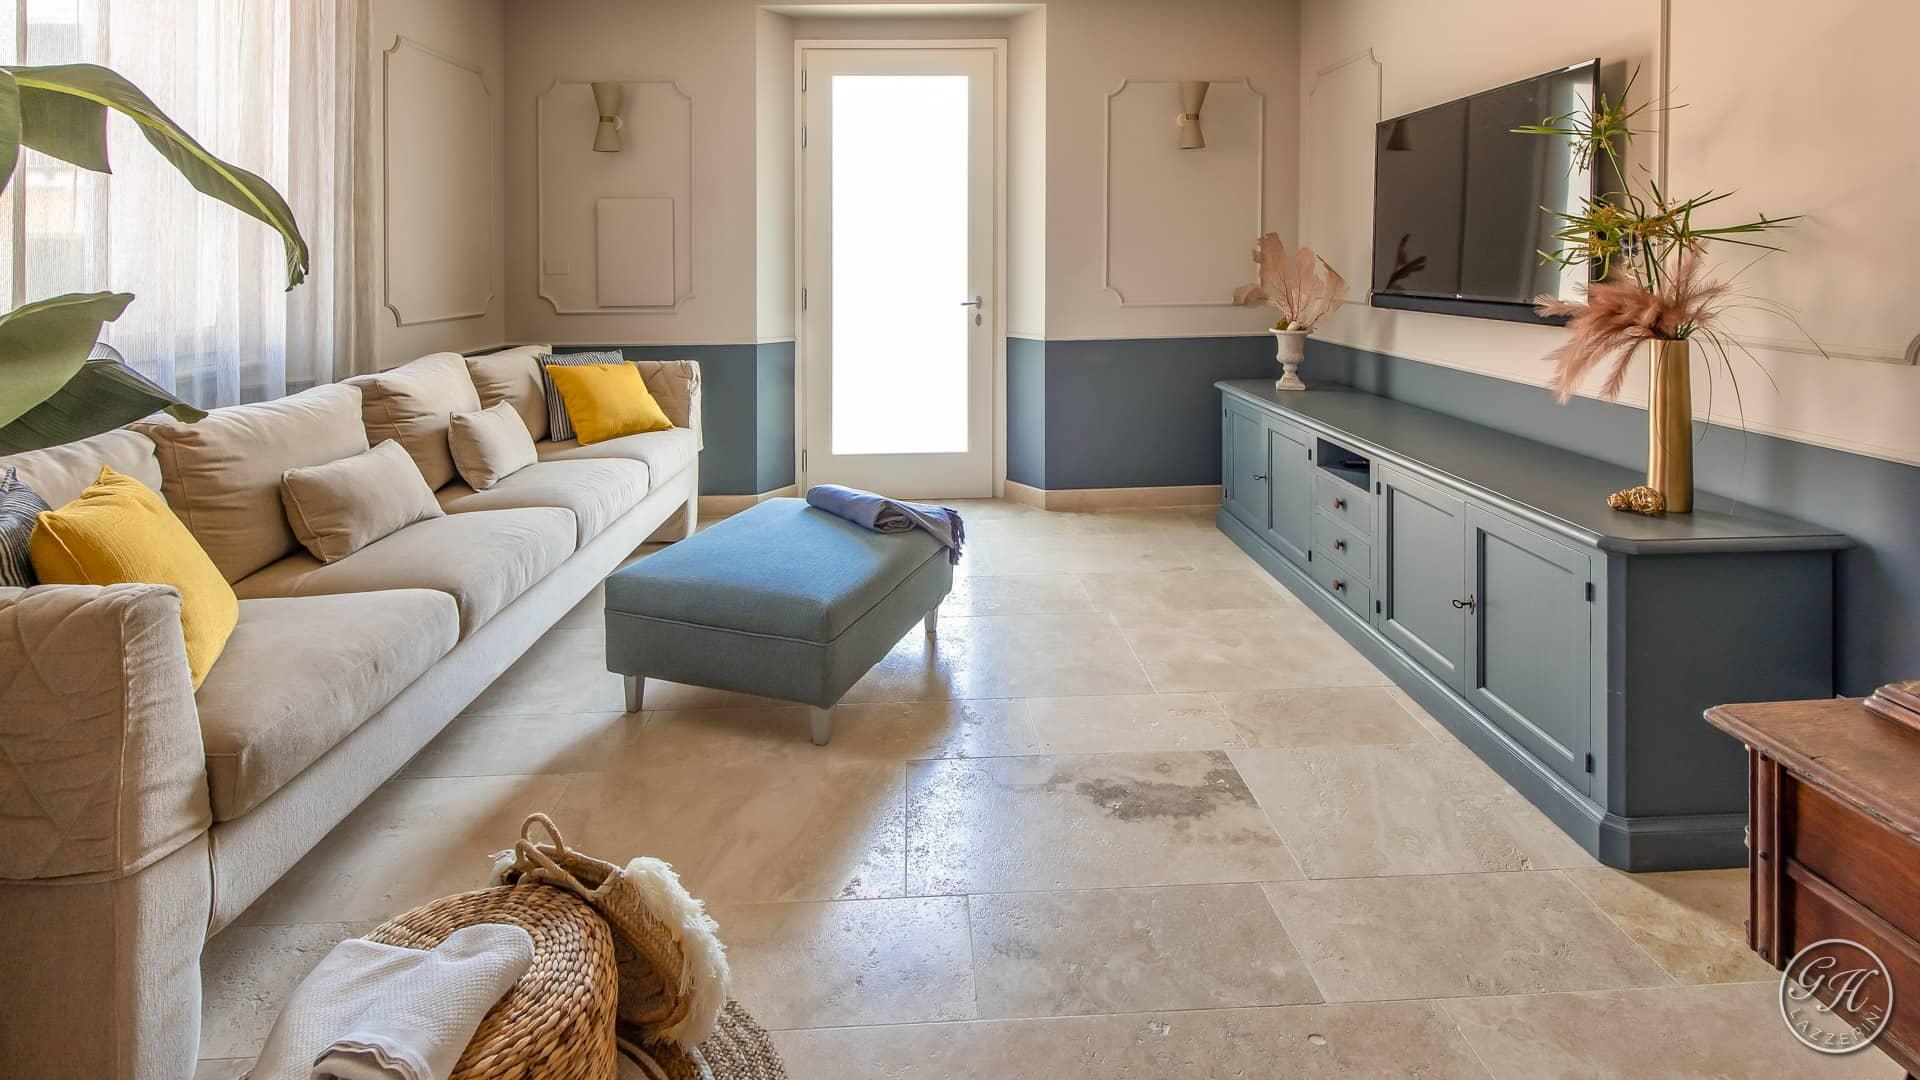 La sala di Antea Apartments, stile classico, colori e materiali naturali. Design GH Lazzerini. GH Lazzerini Holidays